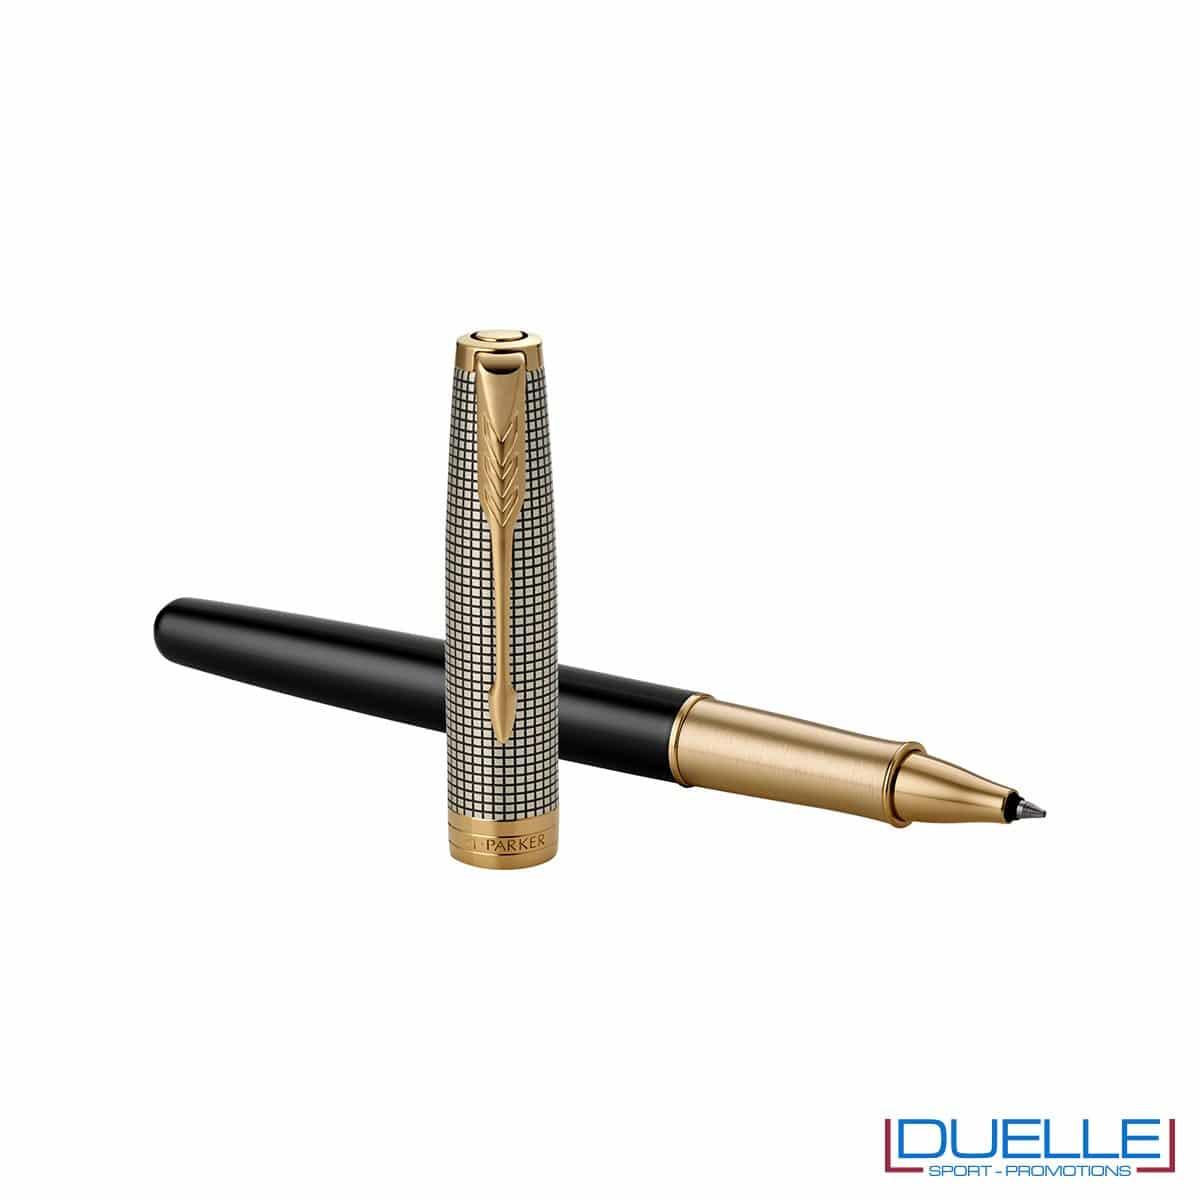 Penna Parker Sonnet Personalizzata in acciaio roller colore nero e oro